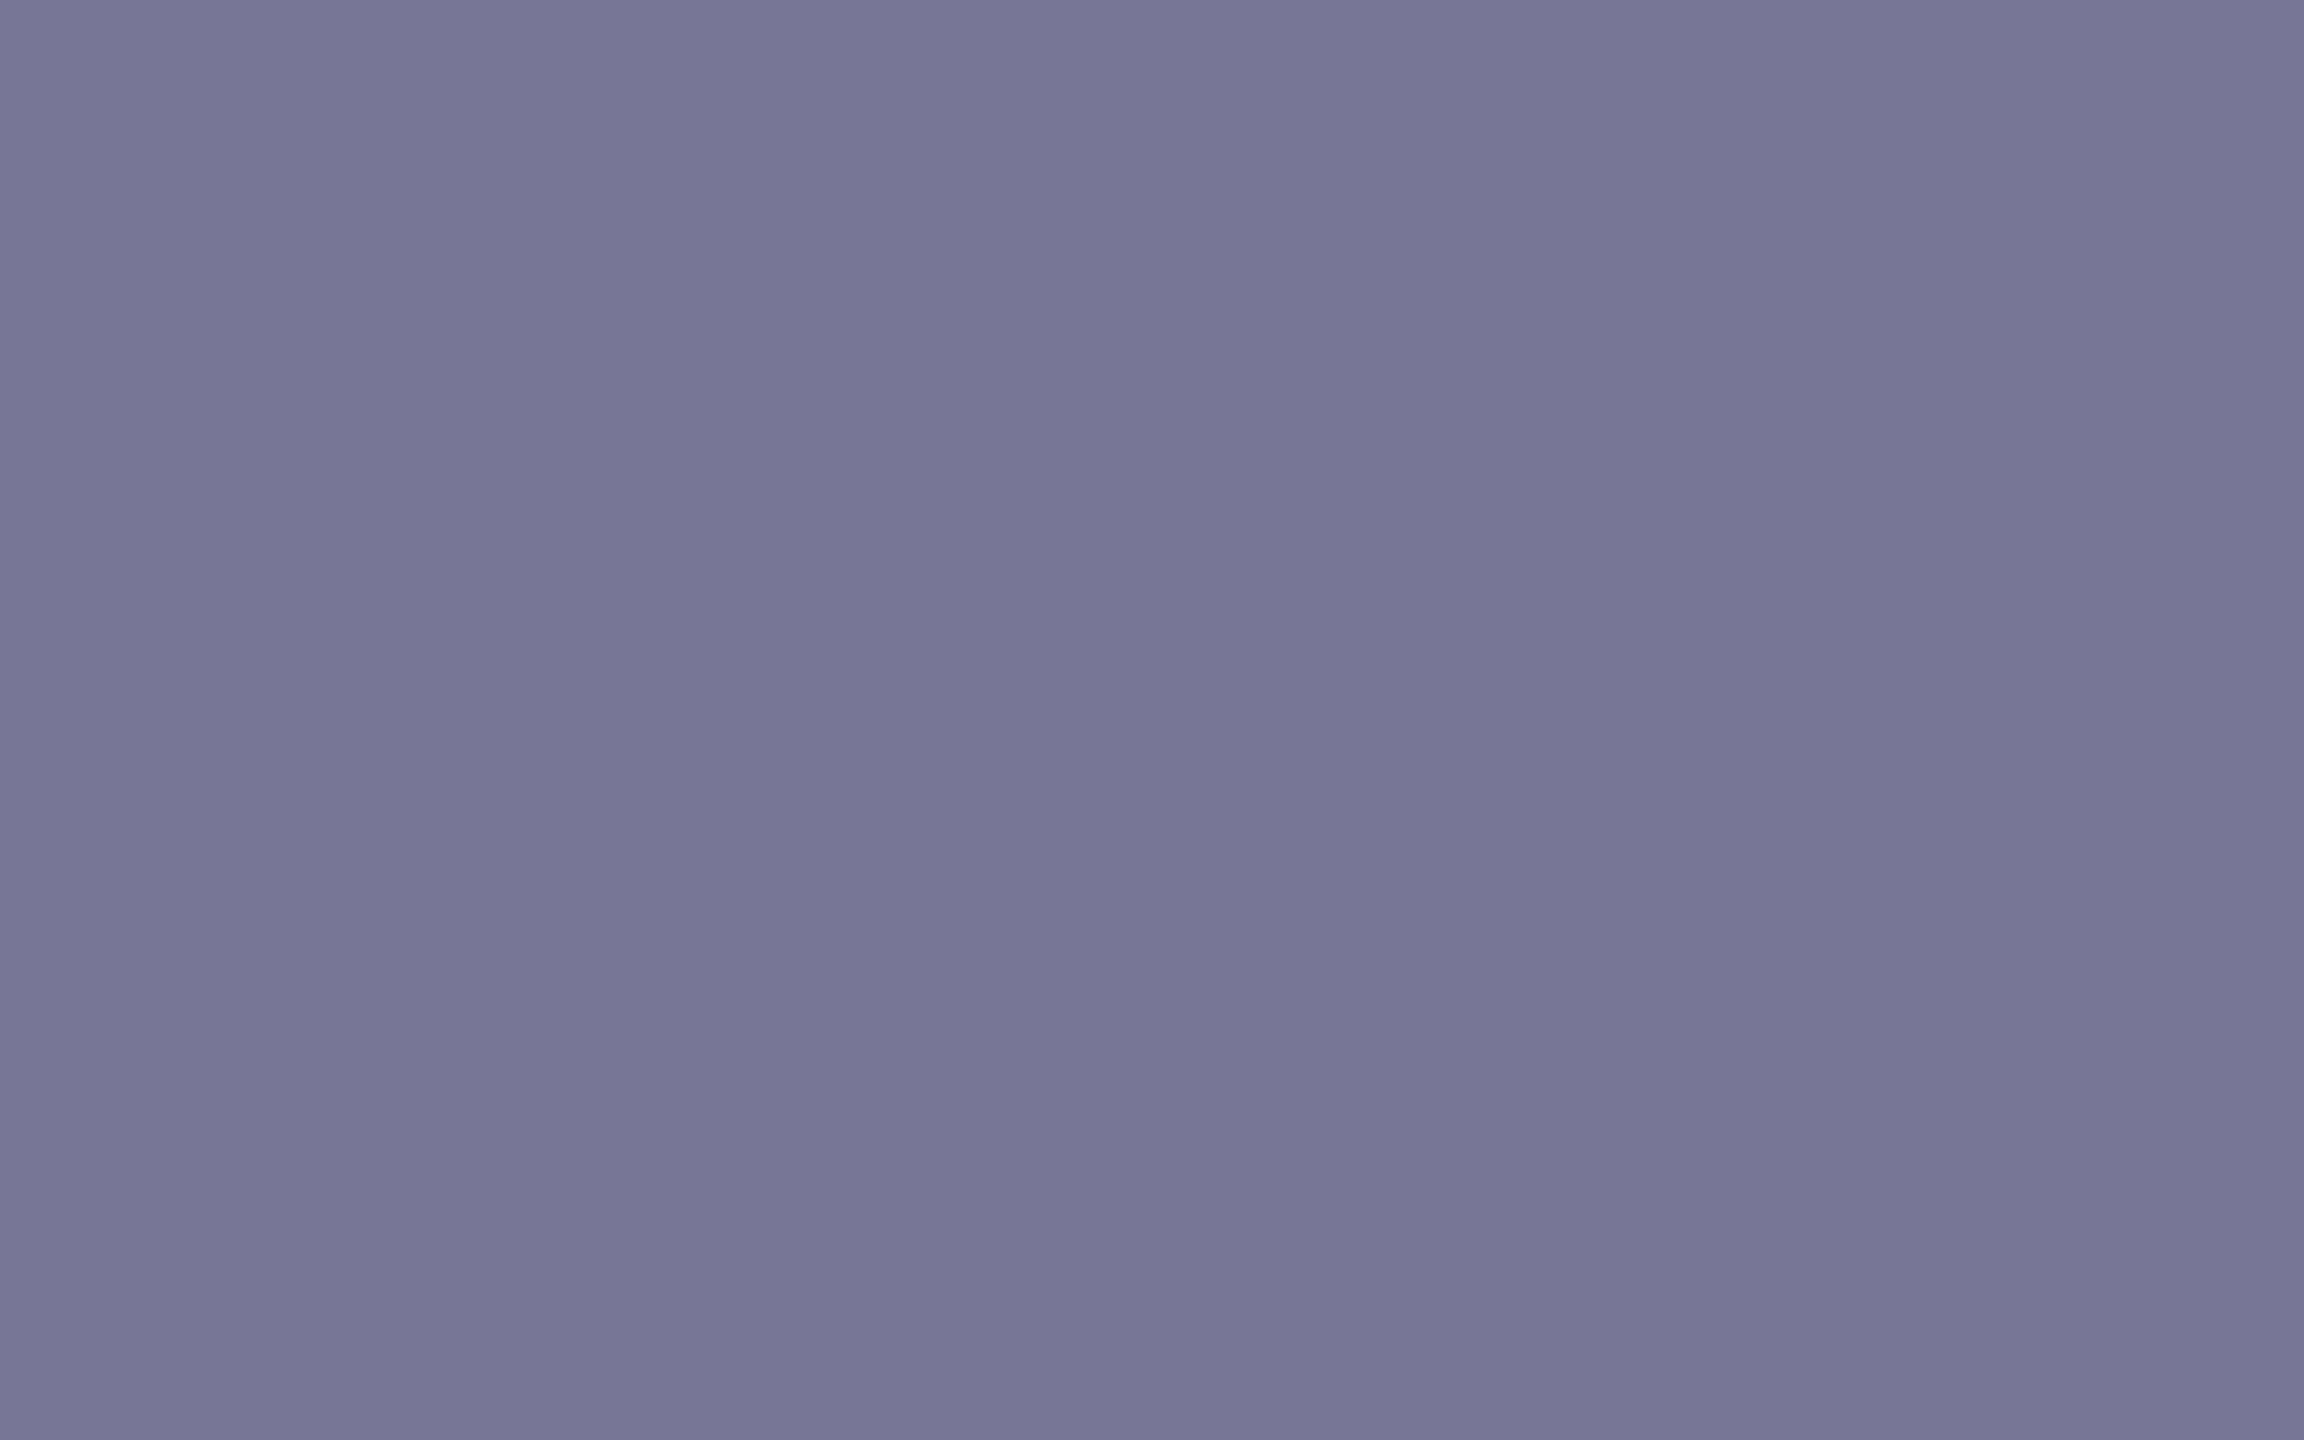 2304x1440 Rhythm Solid Color Background